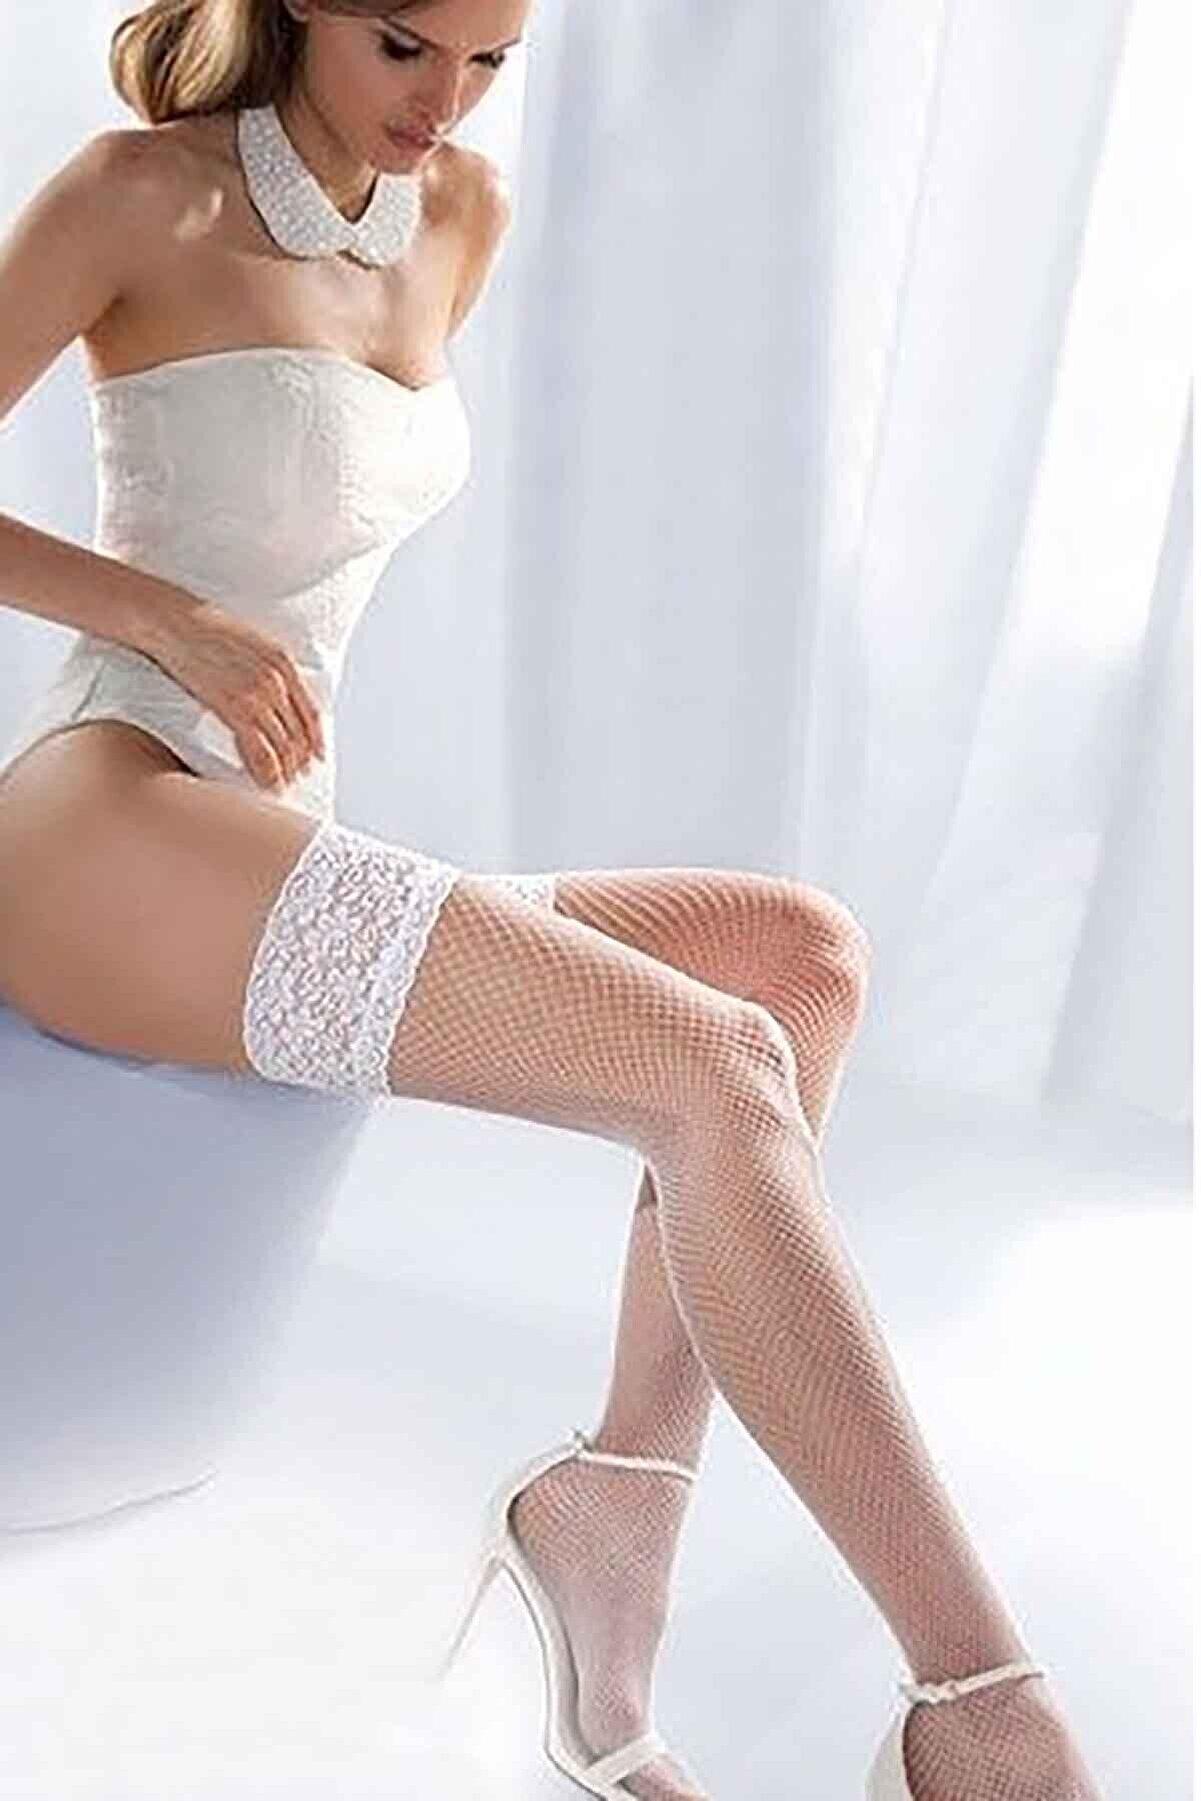 Merry See Kadın Beyaz File Silikonlu Dantelli Jartiyer Çorap